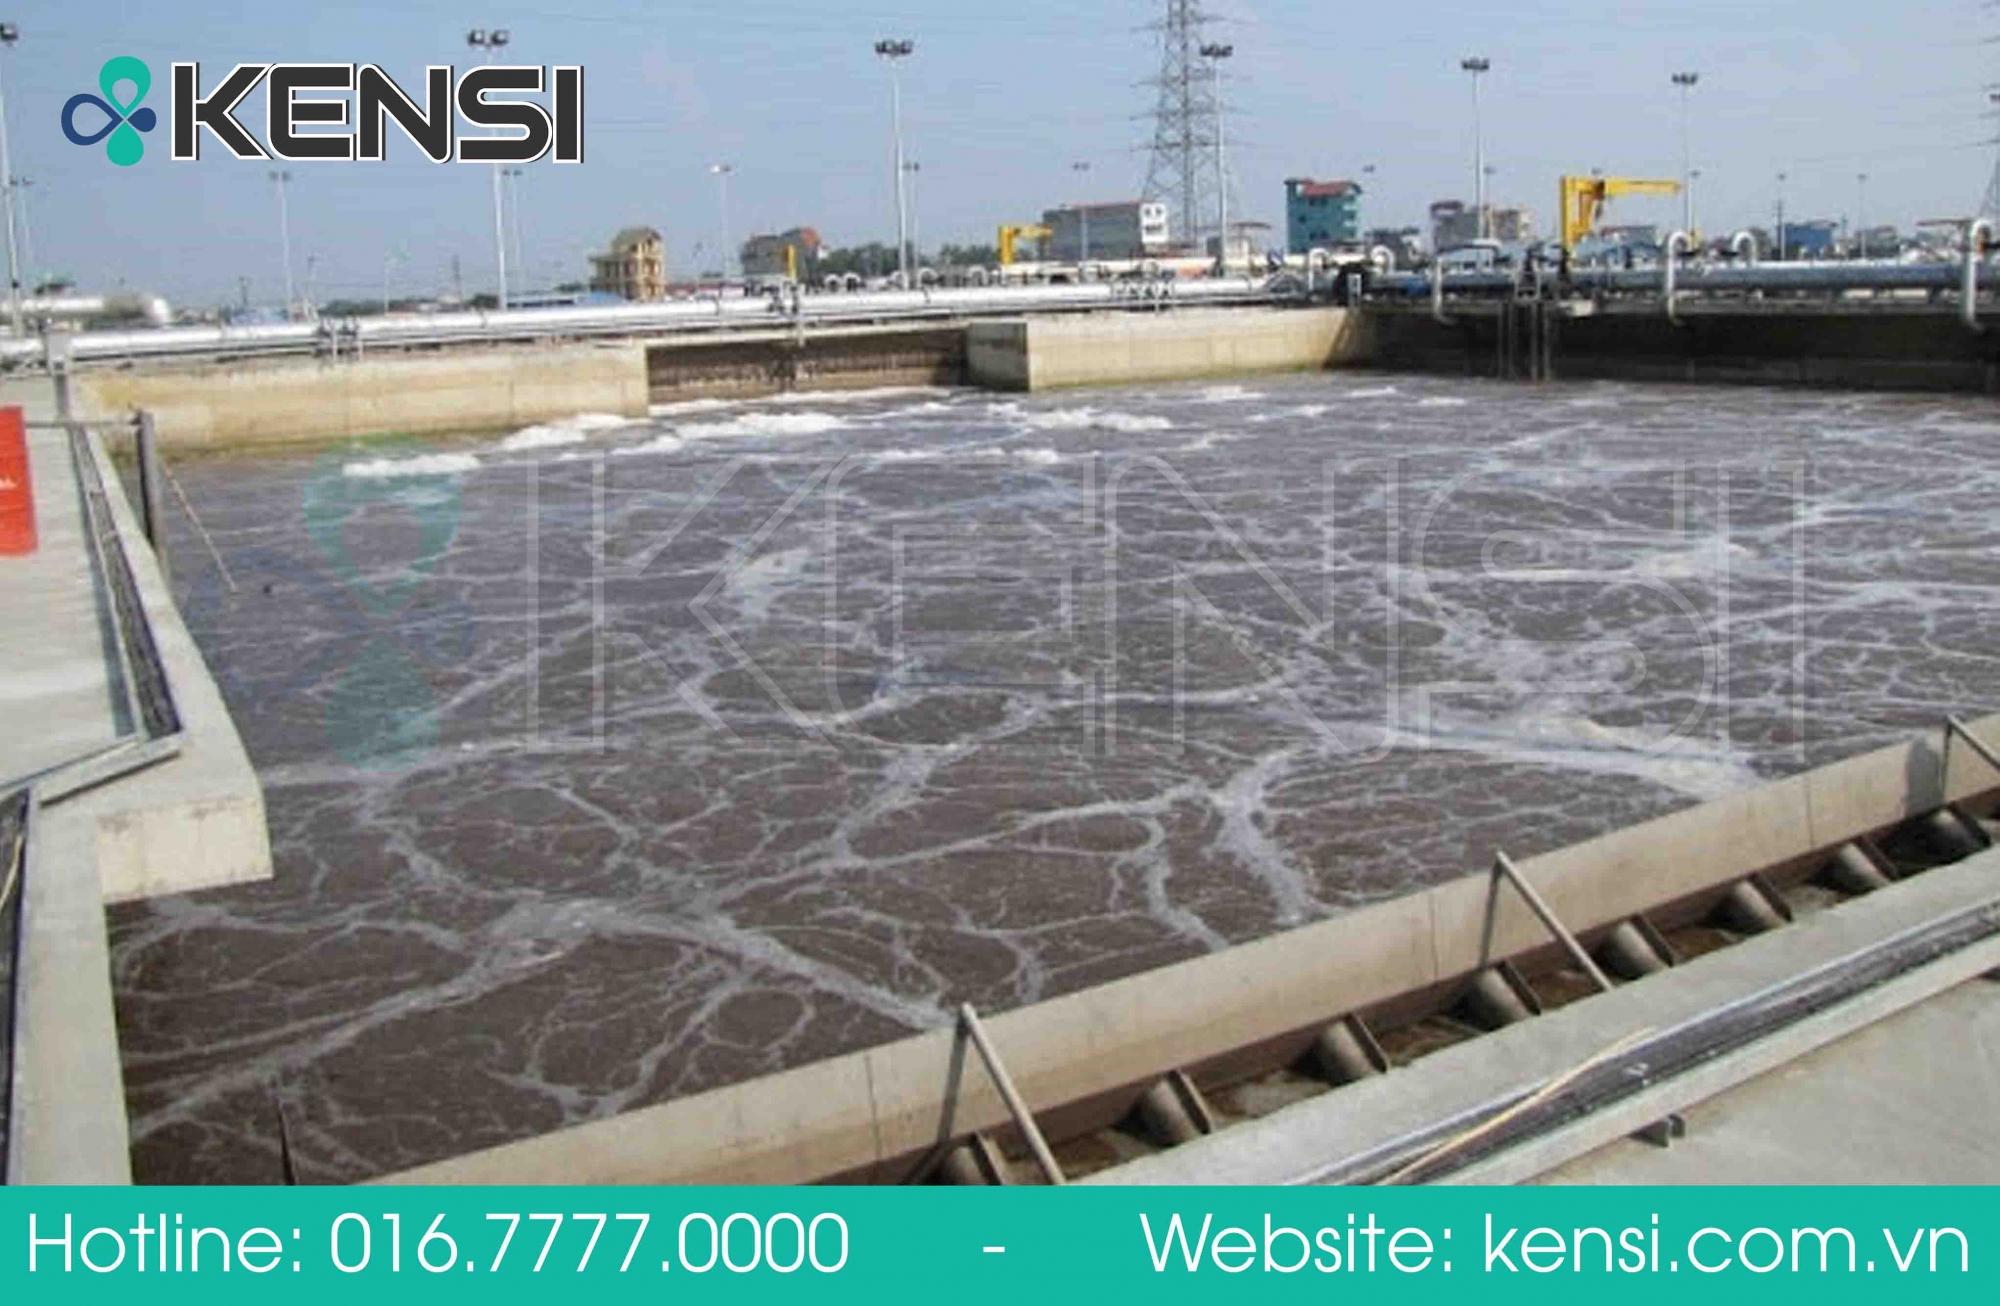 Hệ thống xử lý nước thải nhà máy của Tekcom